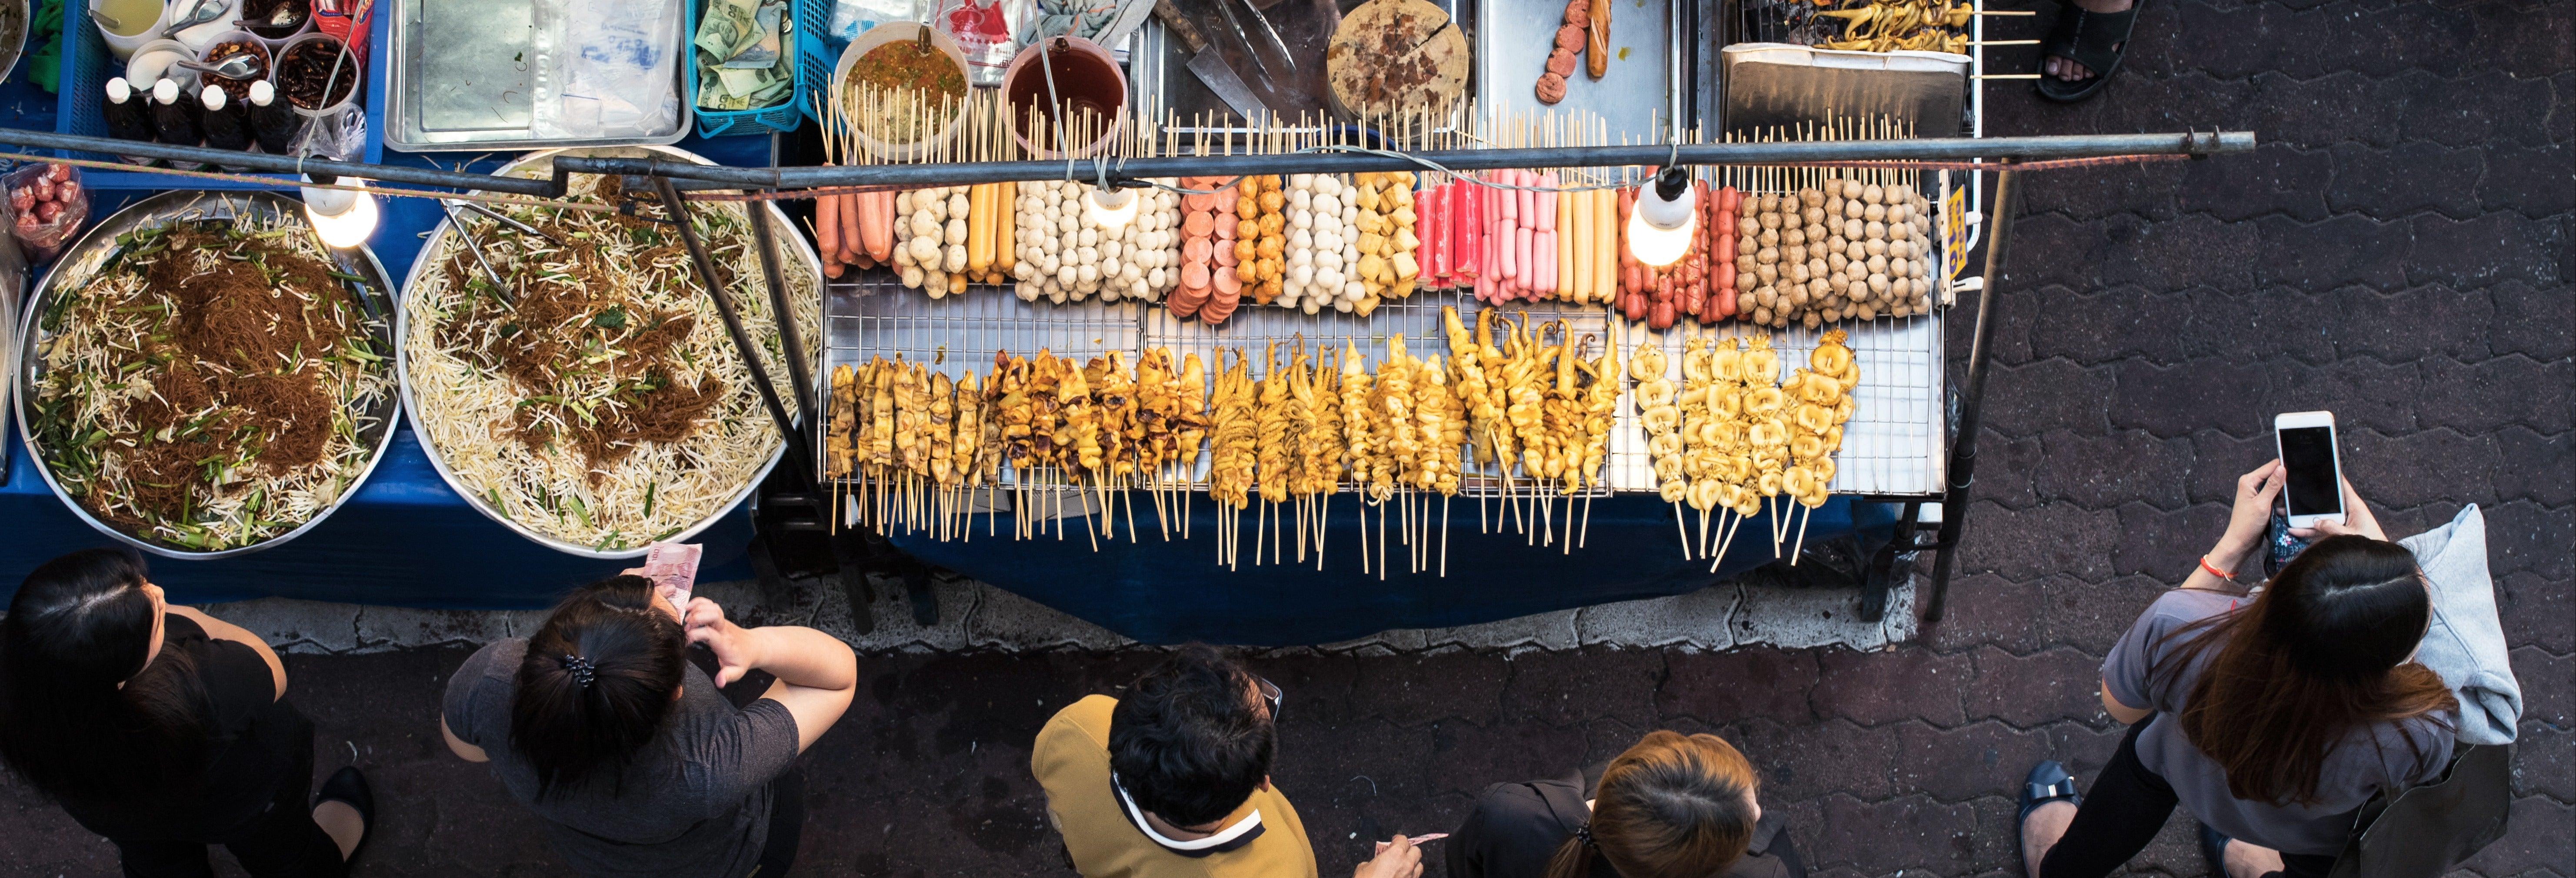 Visite gastronomique dans Pekin